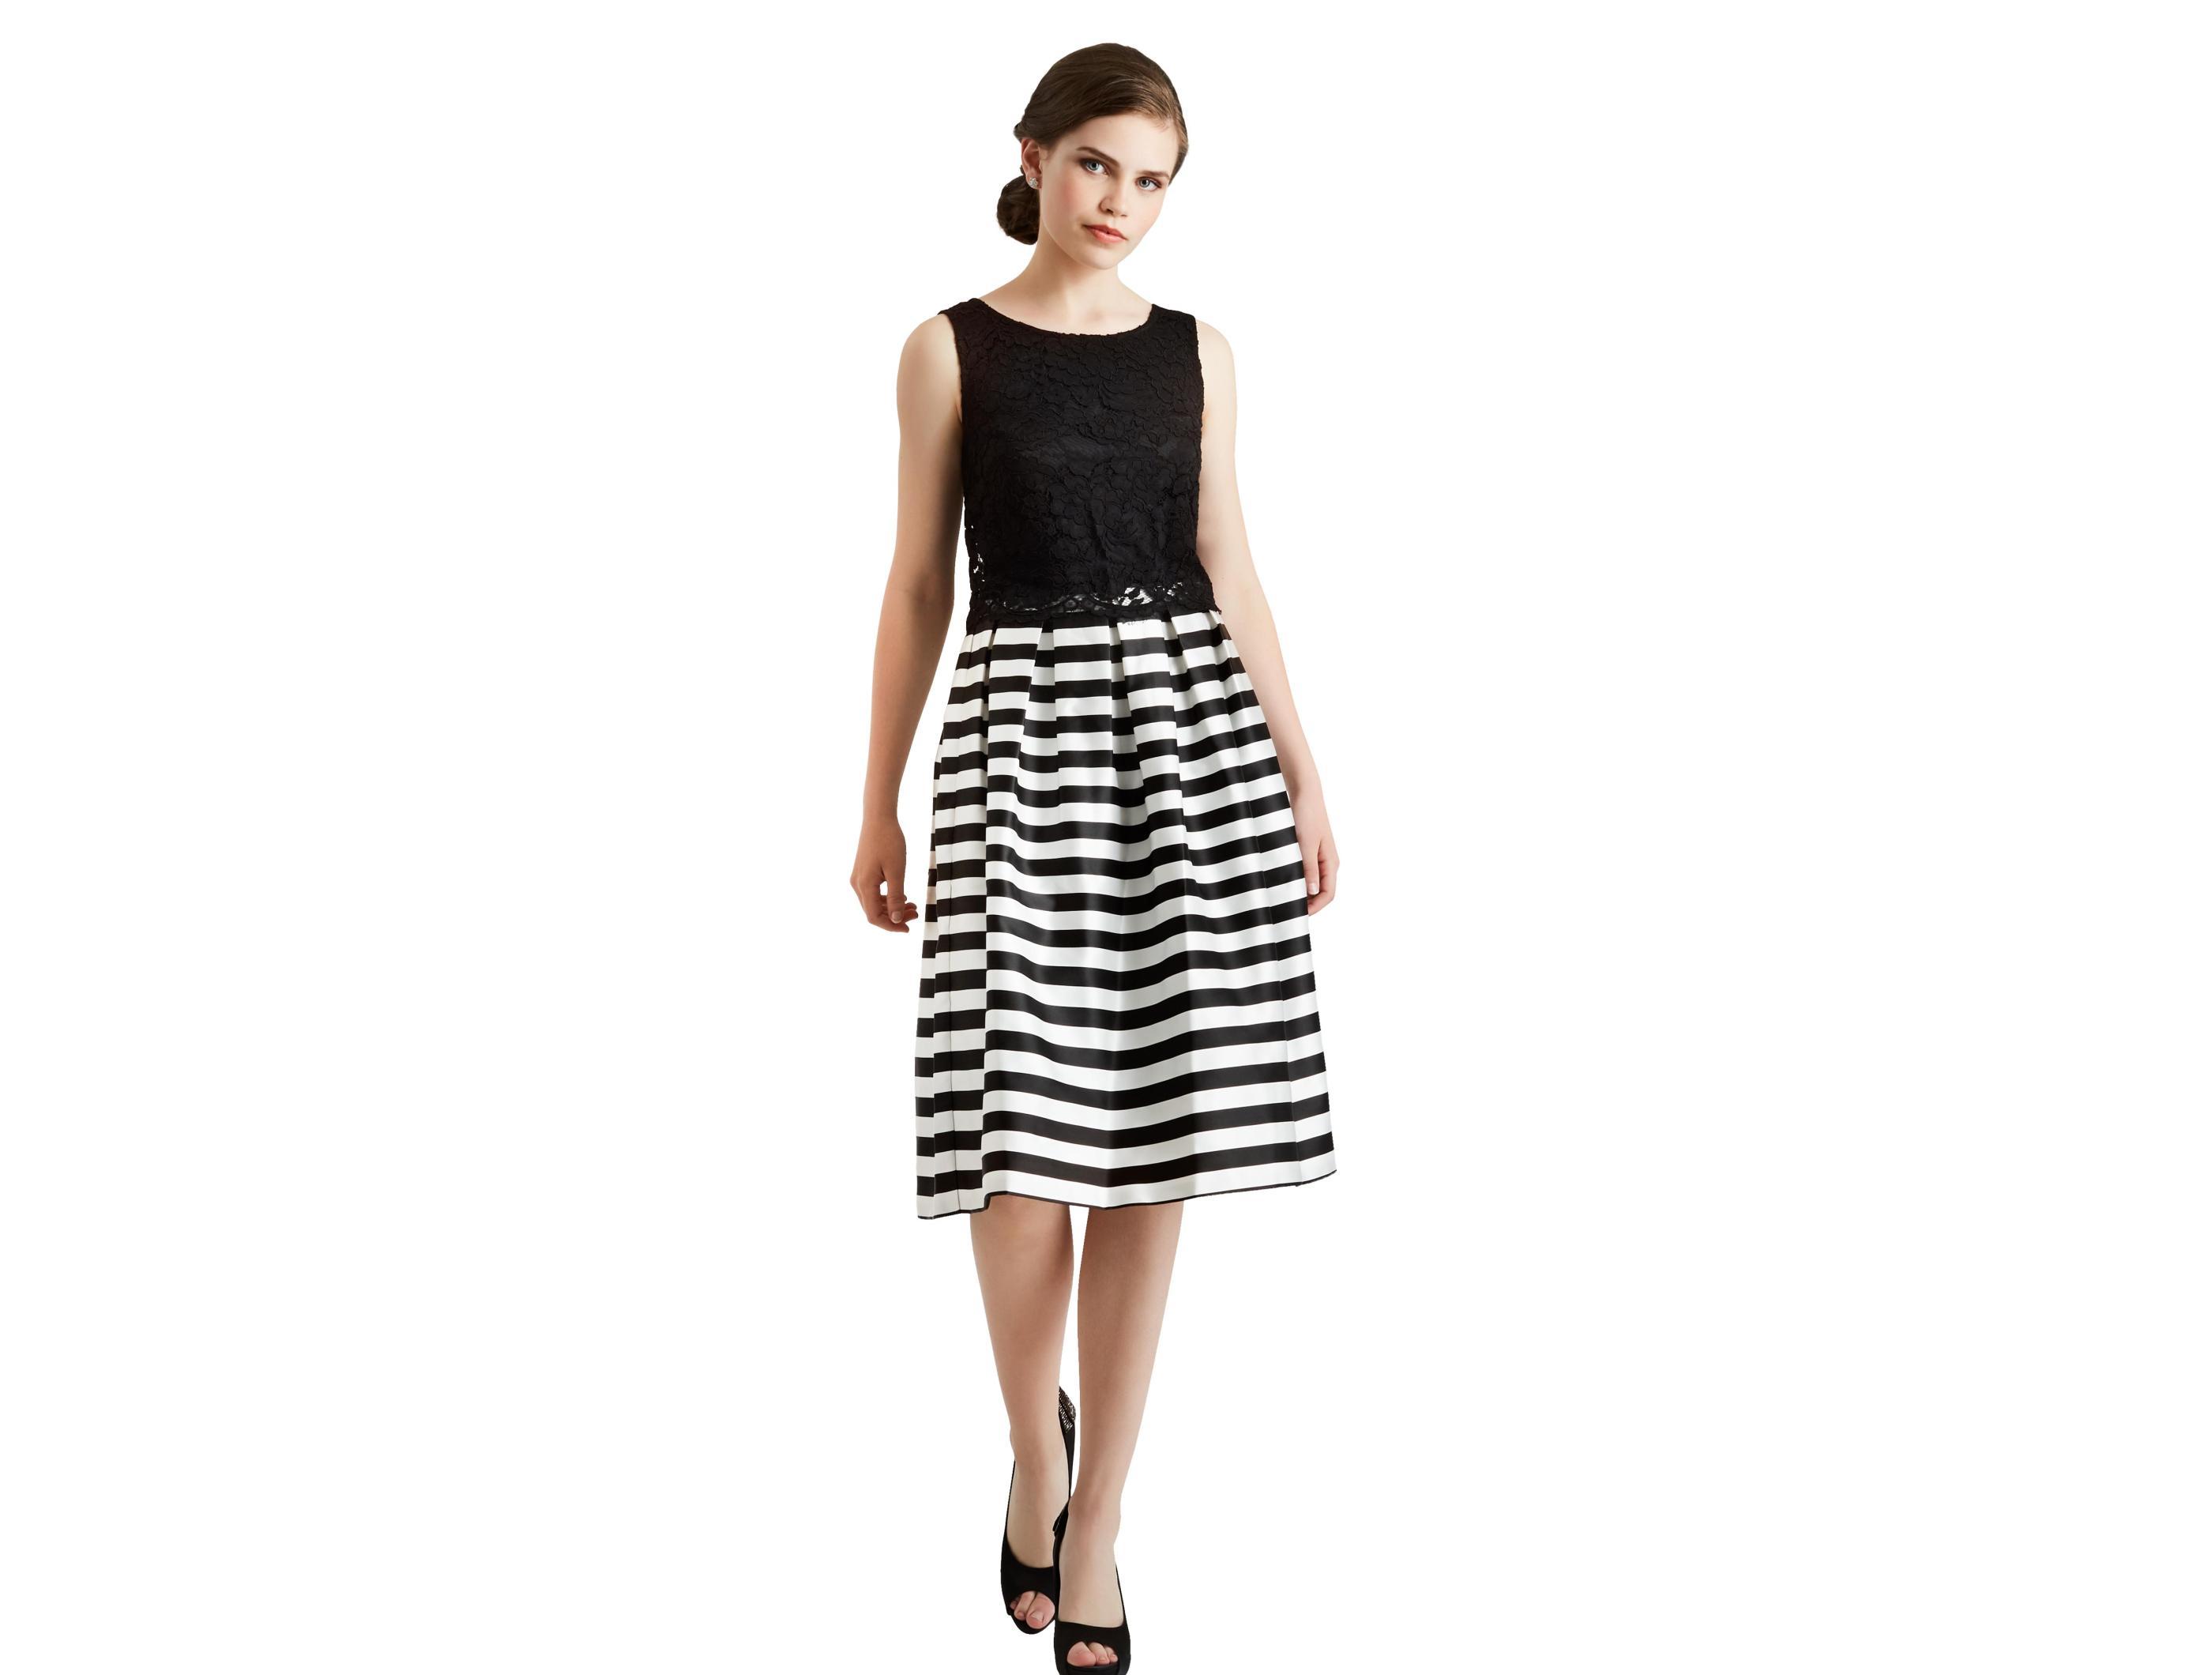 c328f137feb4 Fest klänning